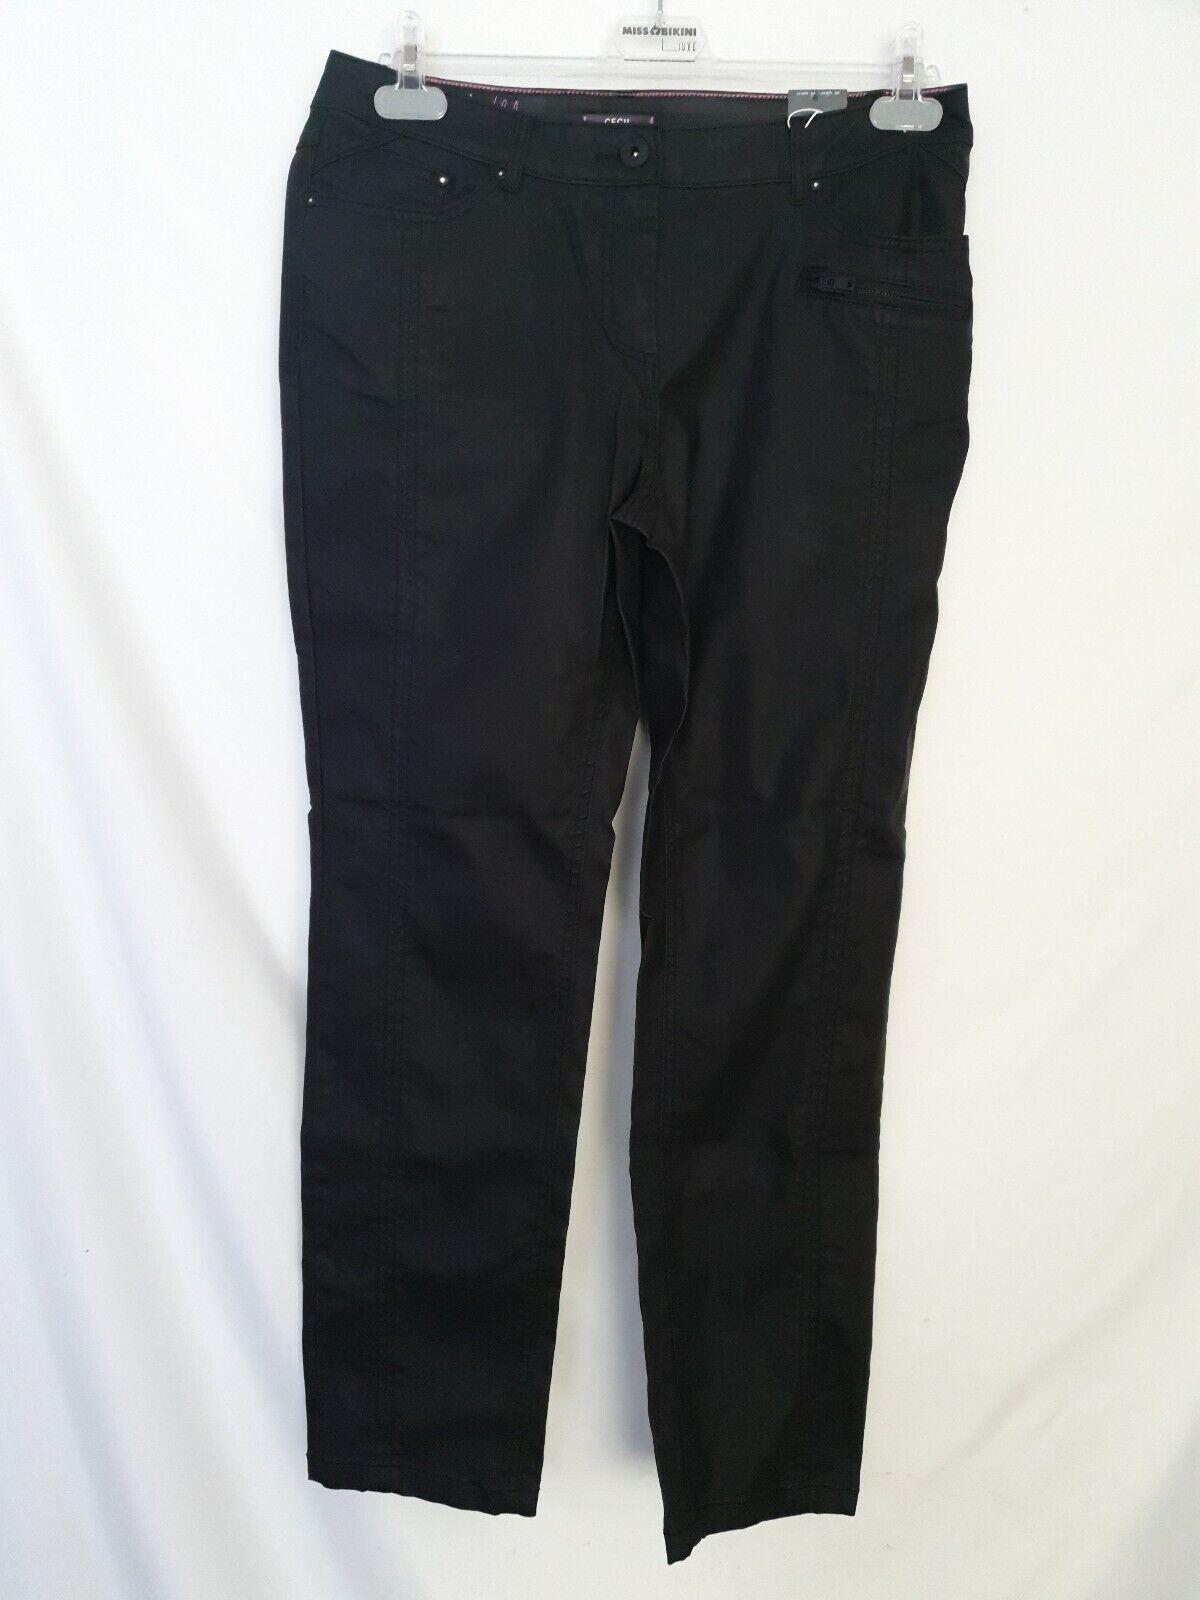 """Vanilia pantalon femmes /""""Elissa Compact satin stretch/"""" super confortables différentes couleurs NEUF"""